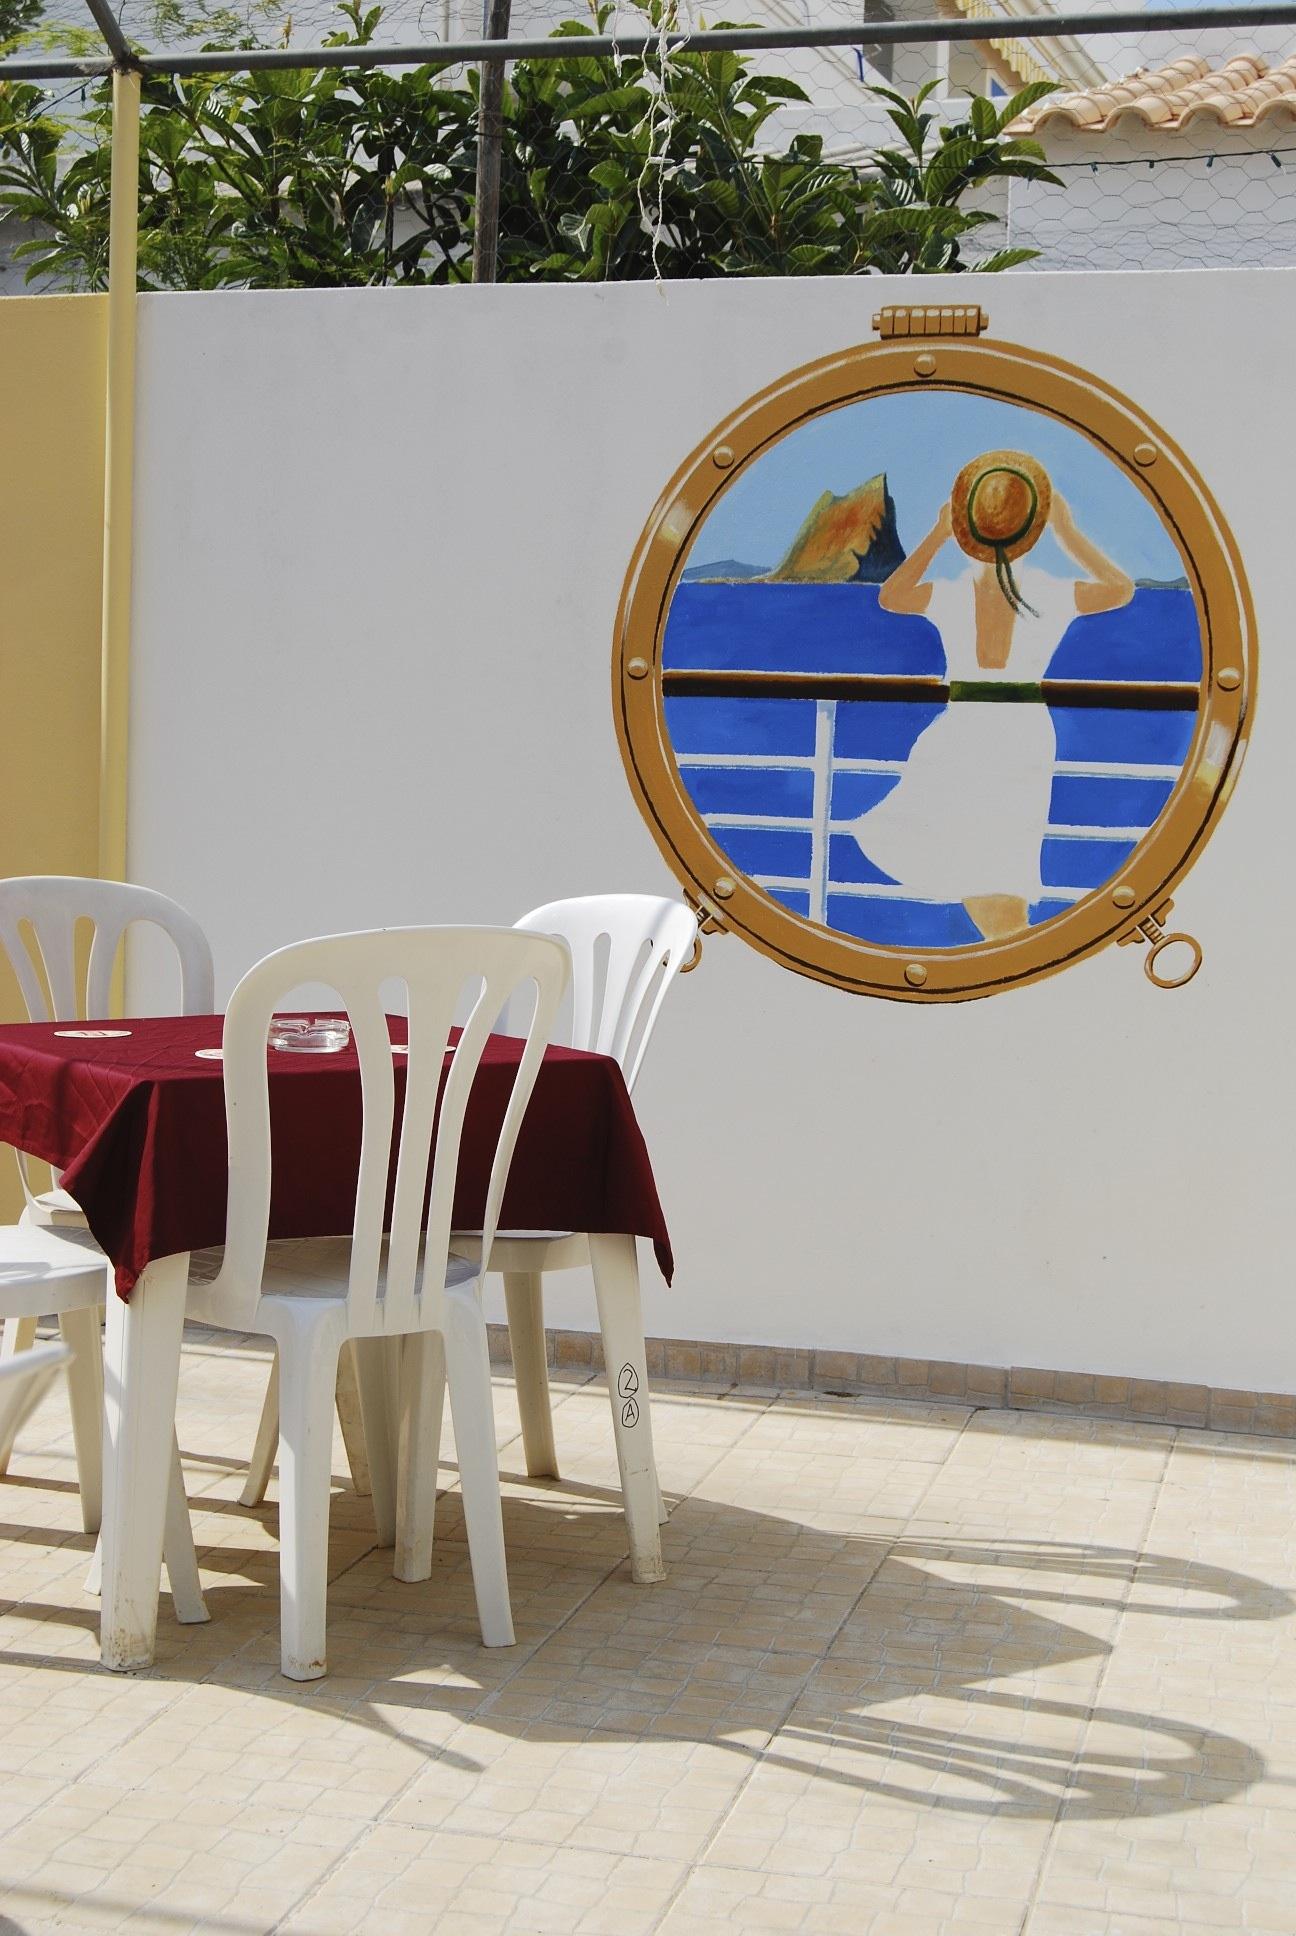 Restaurant Review: Casa Algarvia – Cabanas